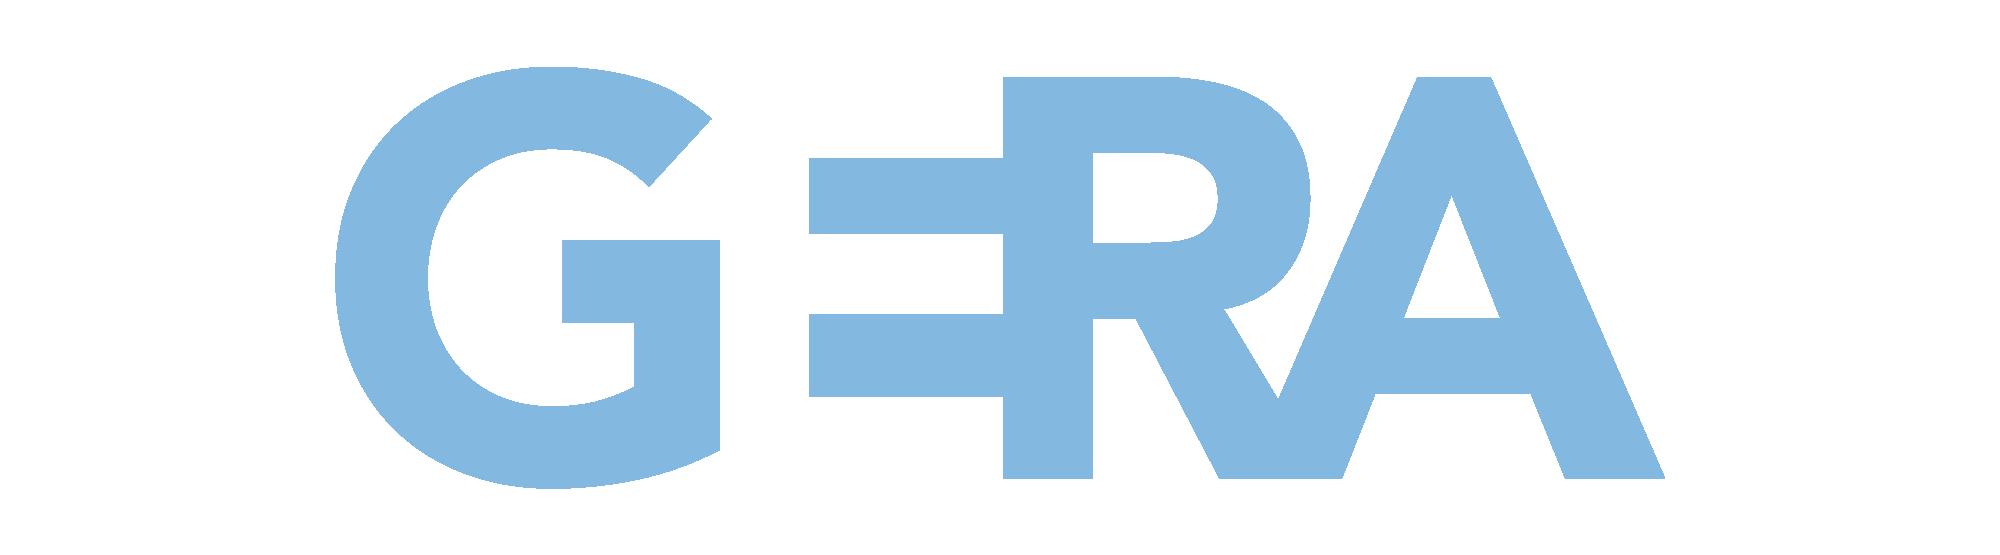 Das neue Logo der Stadt Gera in hellem Blau.